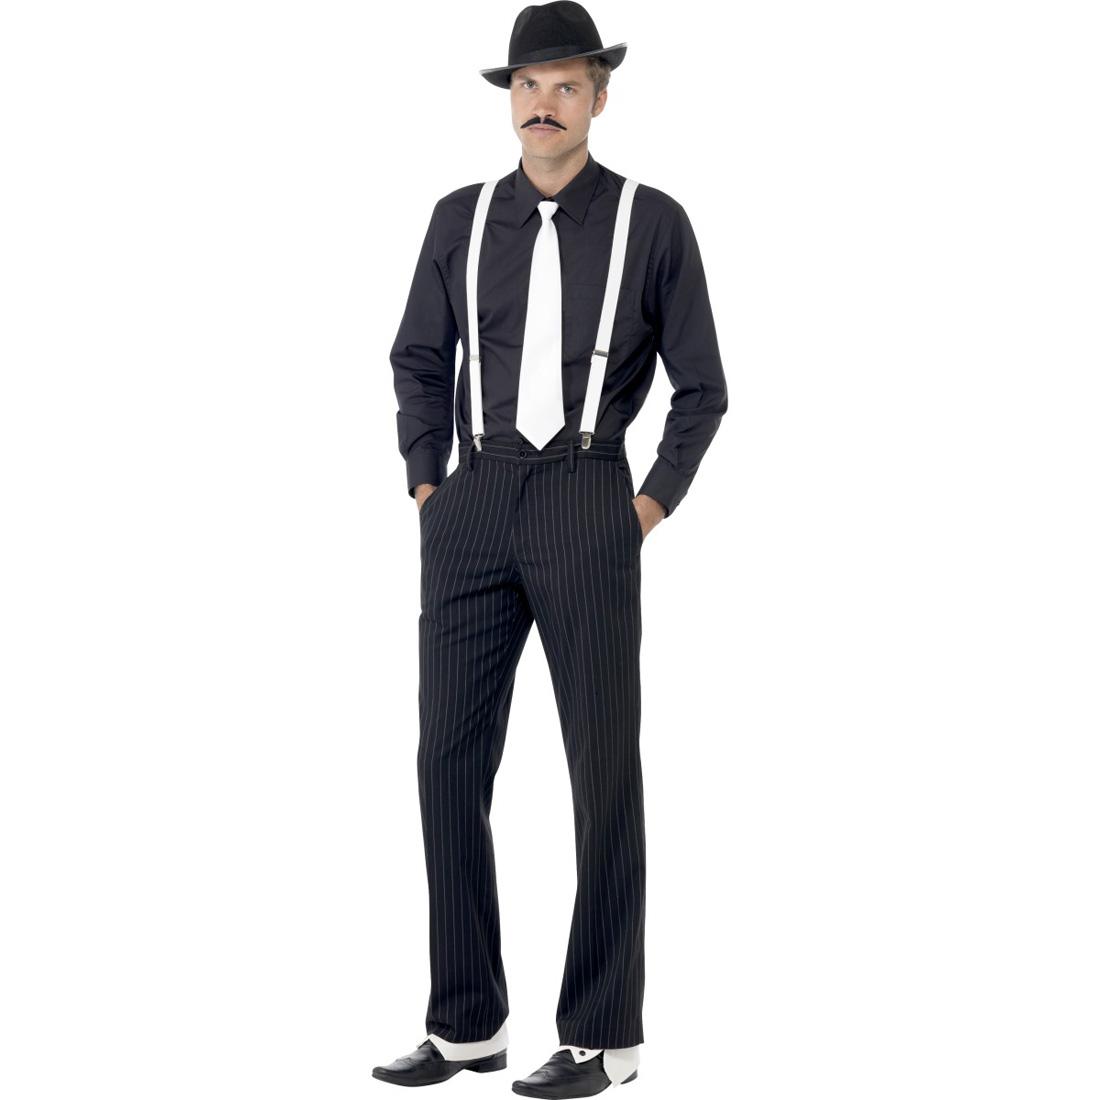 20er jahre mafia kost m zubeh r al capone set outfit gangster karneval kost mset. Black Bedroom Furniture Sets. Home Design Ideas